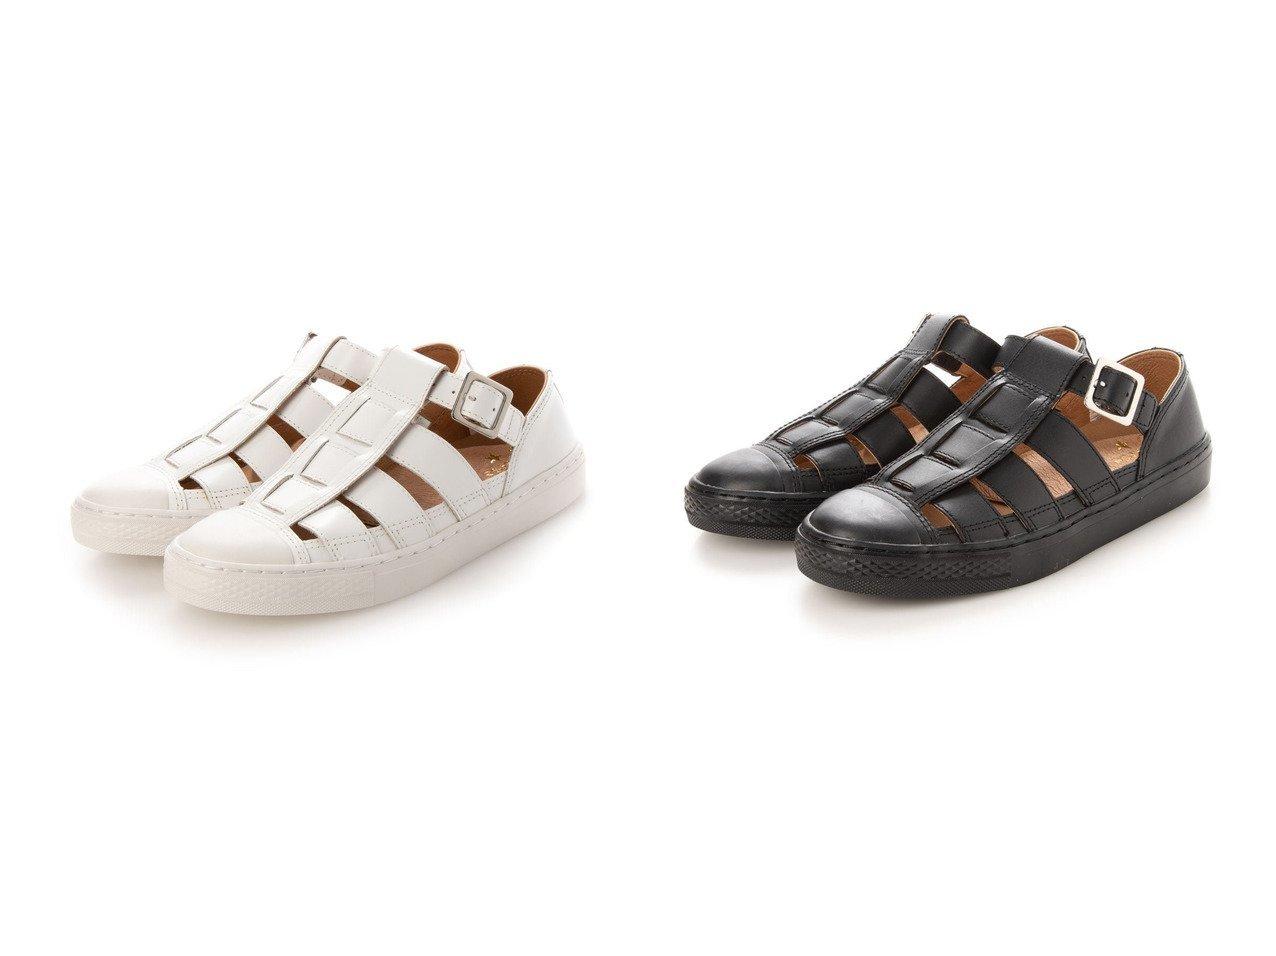 【CONVERSE/コンバース】のALL STAR COUPE GURKHA-SANDAL OX 【シューズ・靴】おすすめ!人気、トレンド・レディースファッションの通販 おすすめで人気の流行・トレンド、ファッションの通販商品 インテリア・家具・メンズファッション・キッズファッション・レディースファッション・服の通販 founy(ファニー) https://founy.com/ ファッション Fashion レディースファッション WOMEN 2021年 2021 2021春夏・S/S SS/Spring/Summer/2021 S/S・春夏 SS・Spring/Summer インソール パターン フィット マニッシュ モチーフ ライニング リゾート 厚底 夏 Summer 春 Spring |ID:crp329100000052823